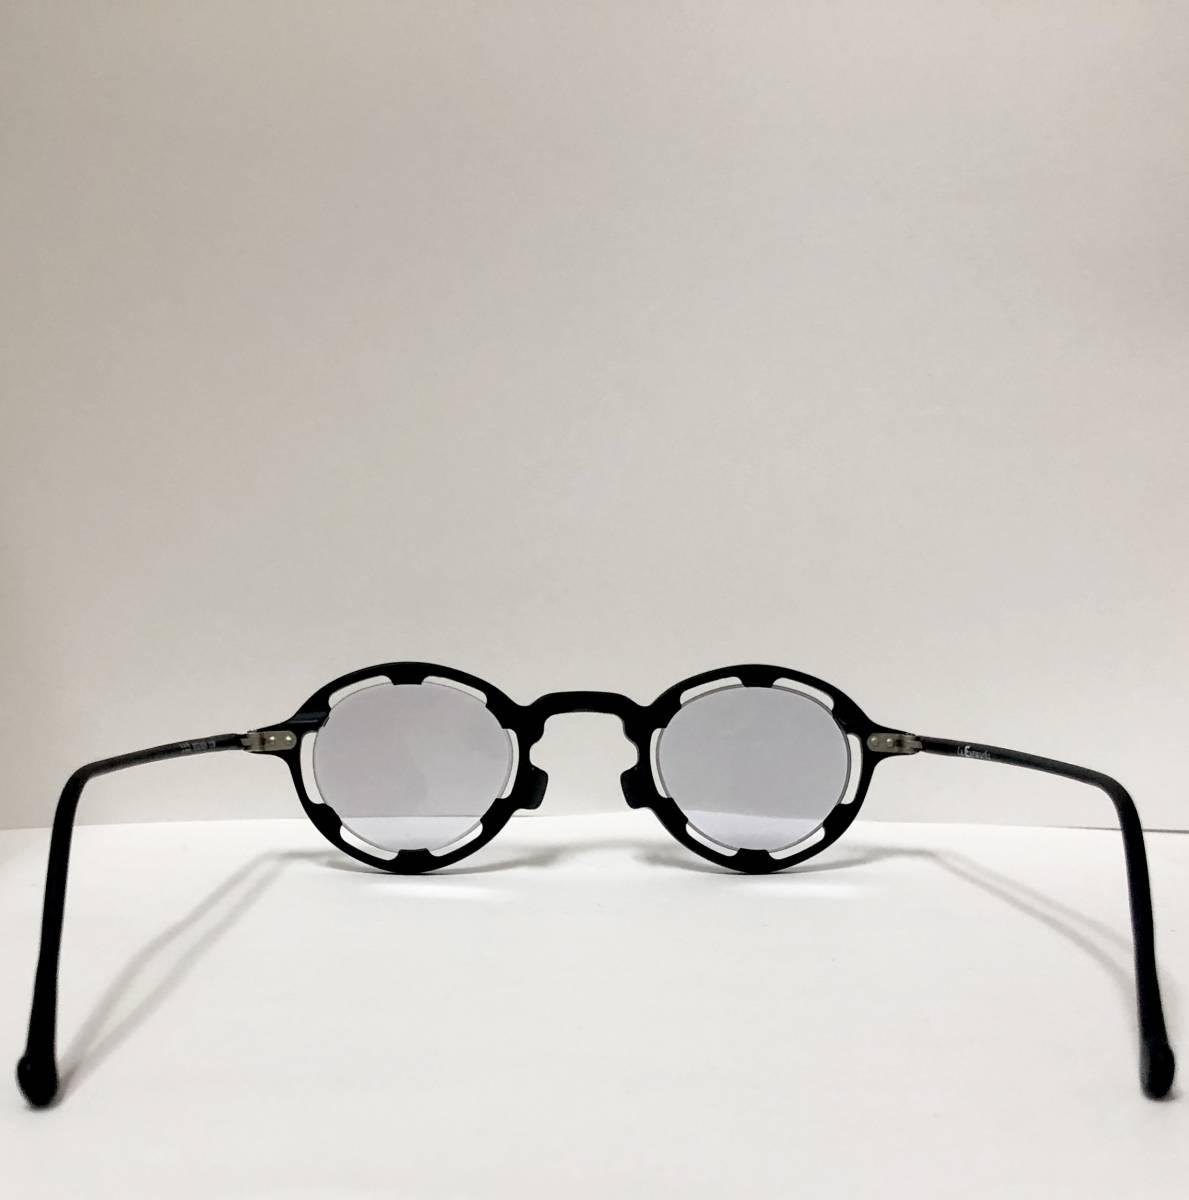 【ビンテージ・未使用】1990年代 l.a. Eyeworks イタリア製レグンバ 黒 高級メガネ エルエーアイワークス /ヴィンテージ 米国ブランド_画像7